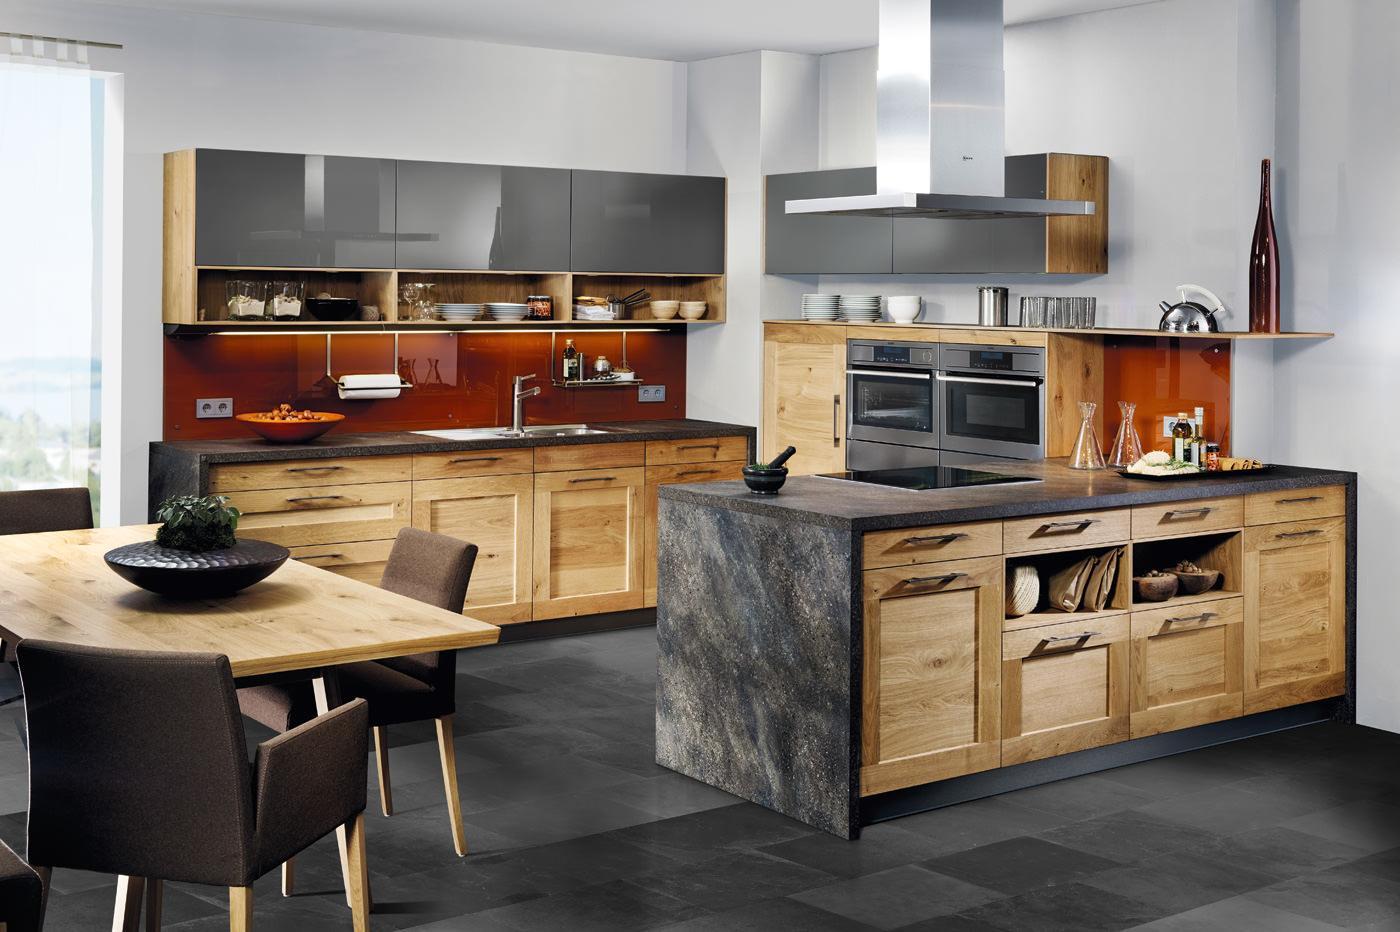 einbauk chen f r jeden geschmack jetzt anschauen. Black Bedroom Furniture Sets. Home Design Ideas